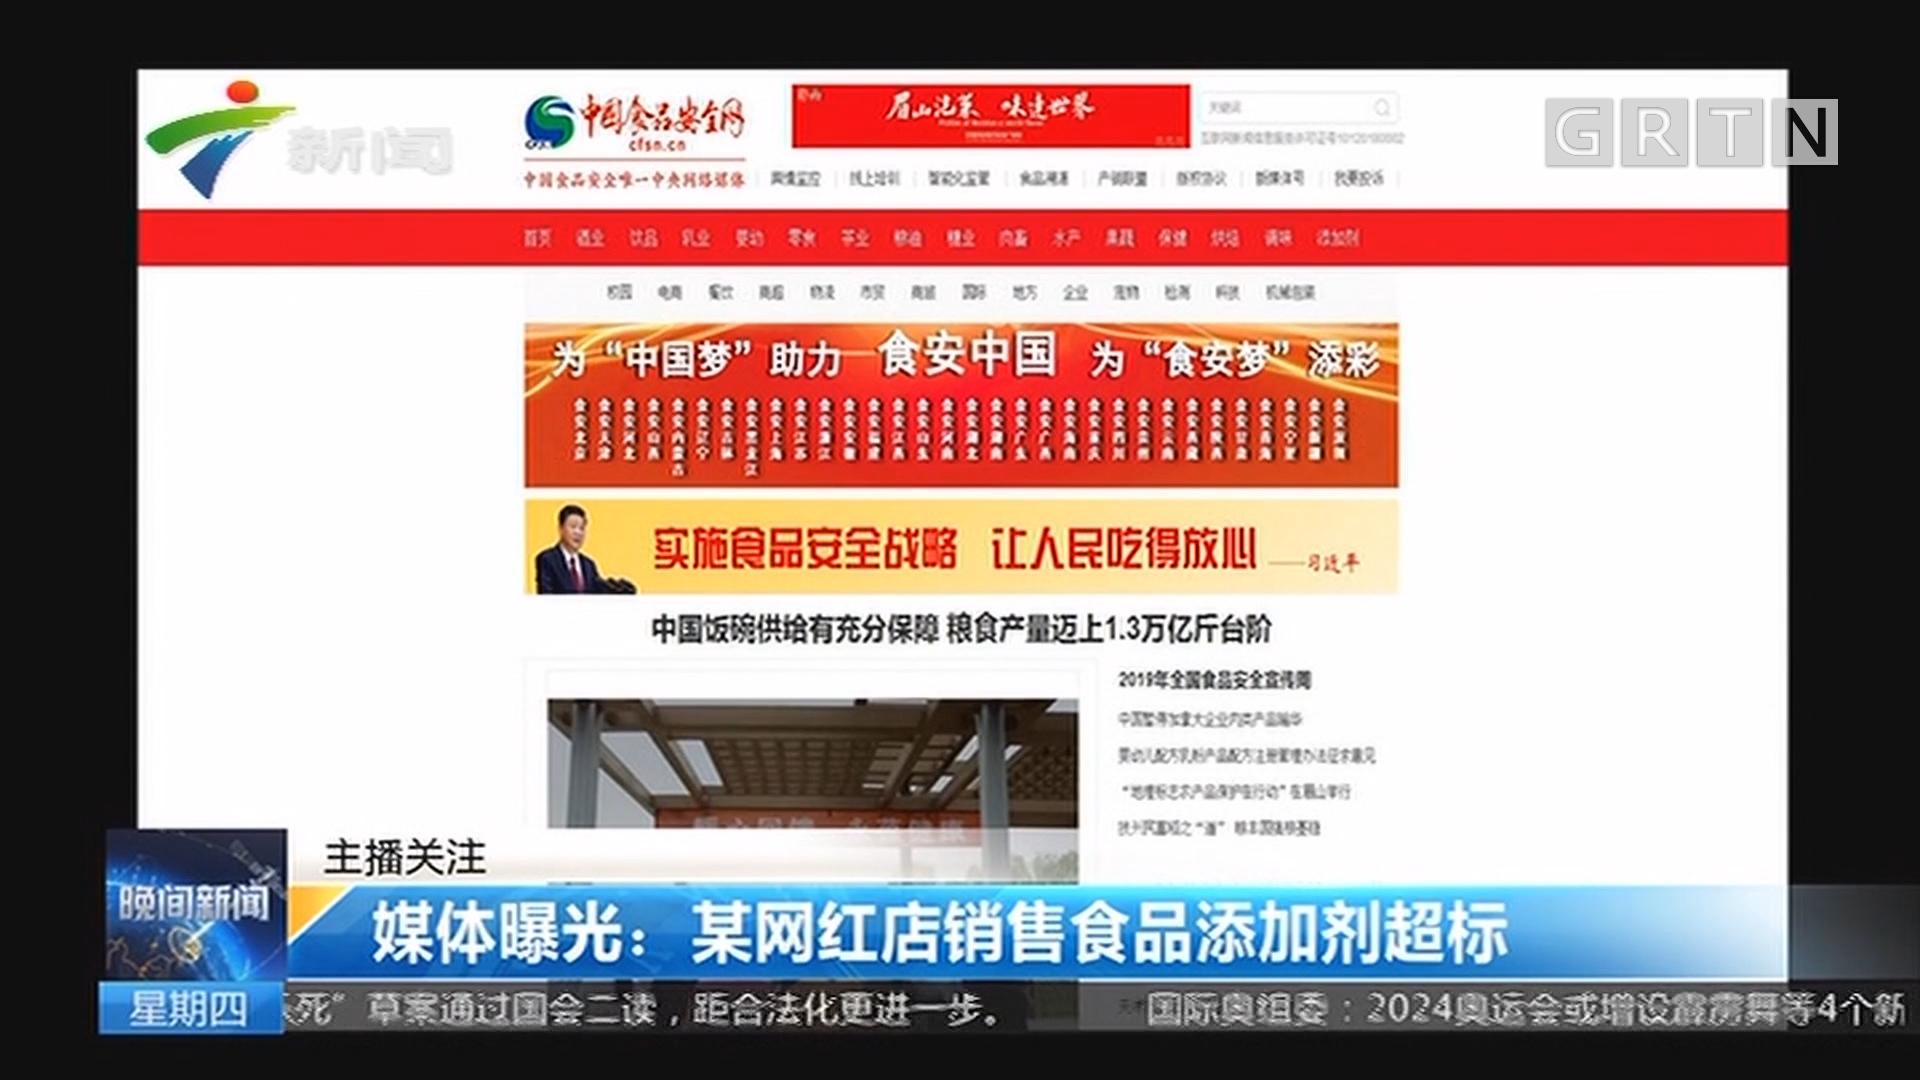 媒体曝光:某网红店销售食品添加剂超标